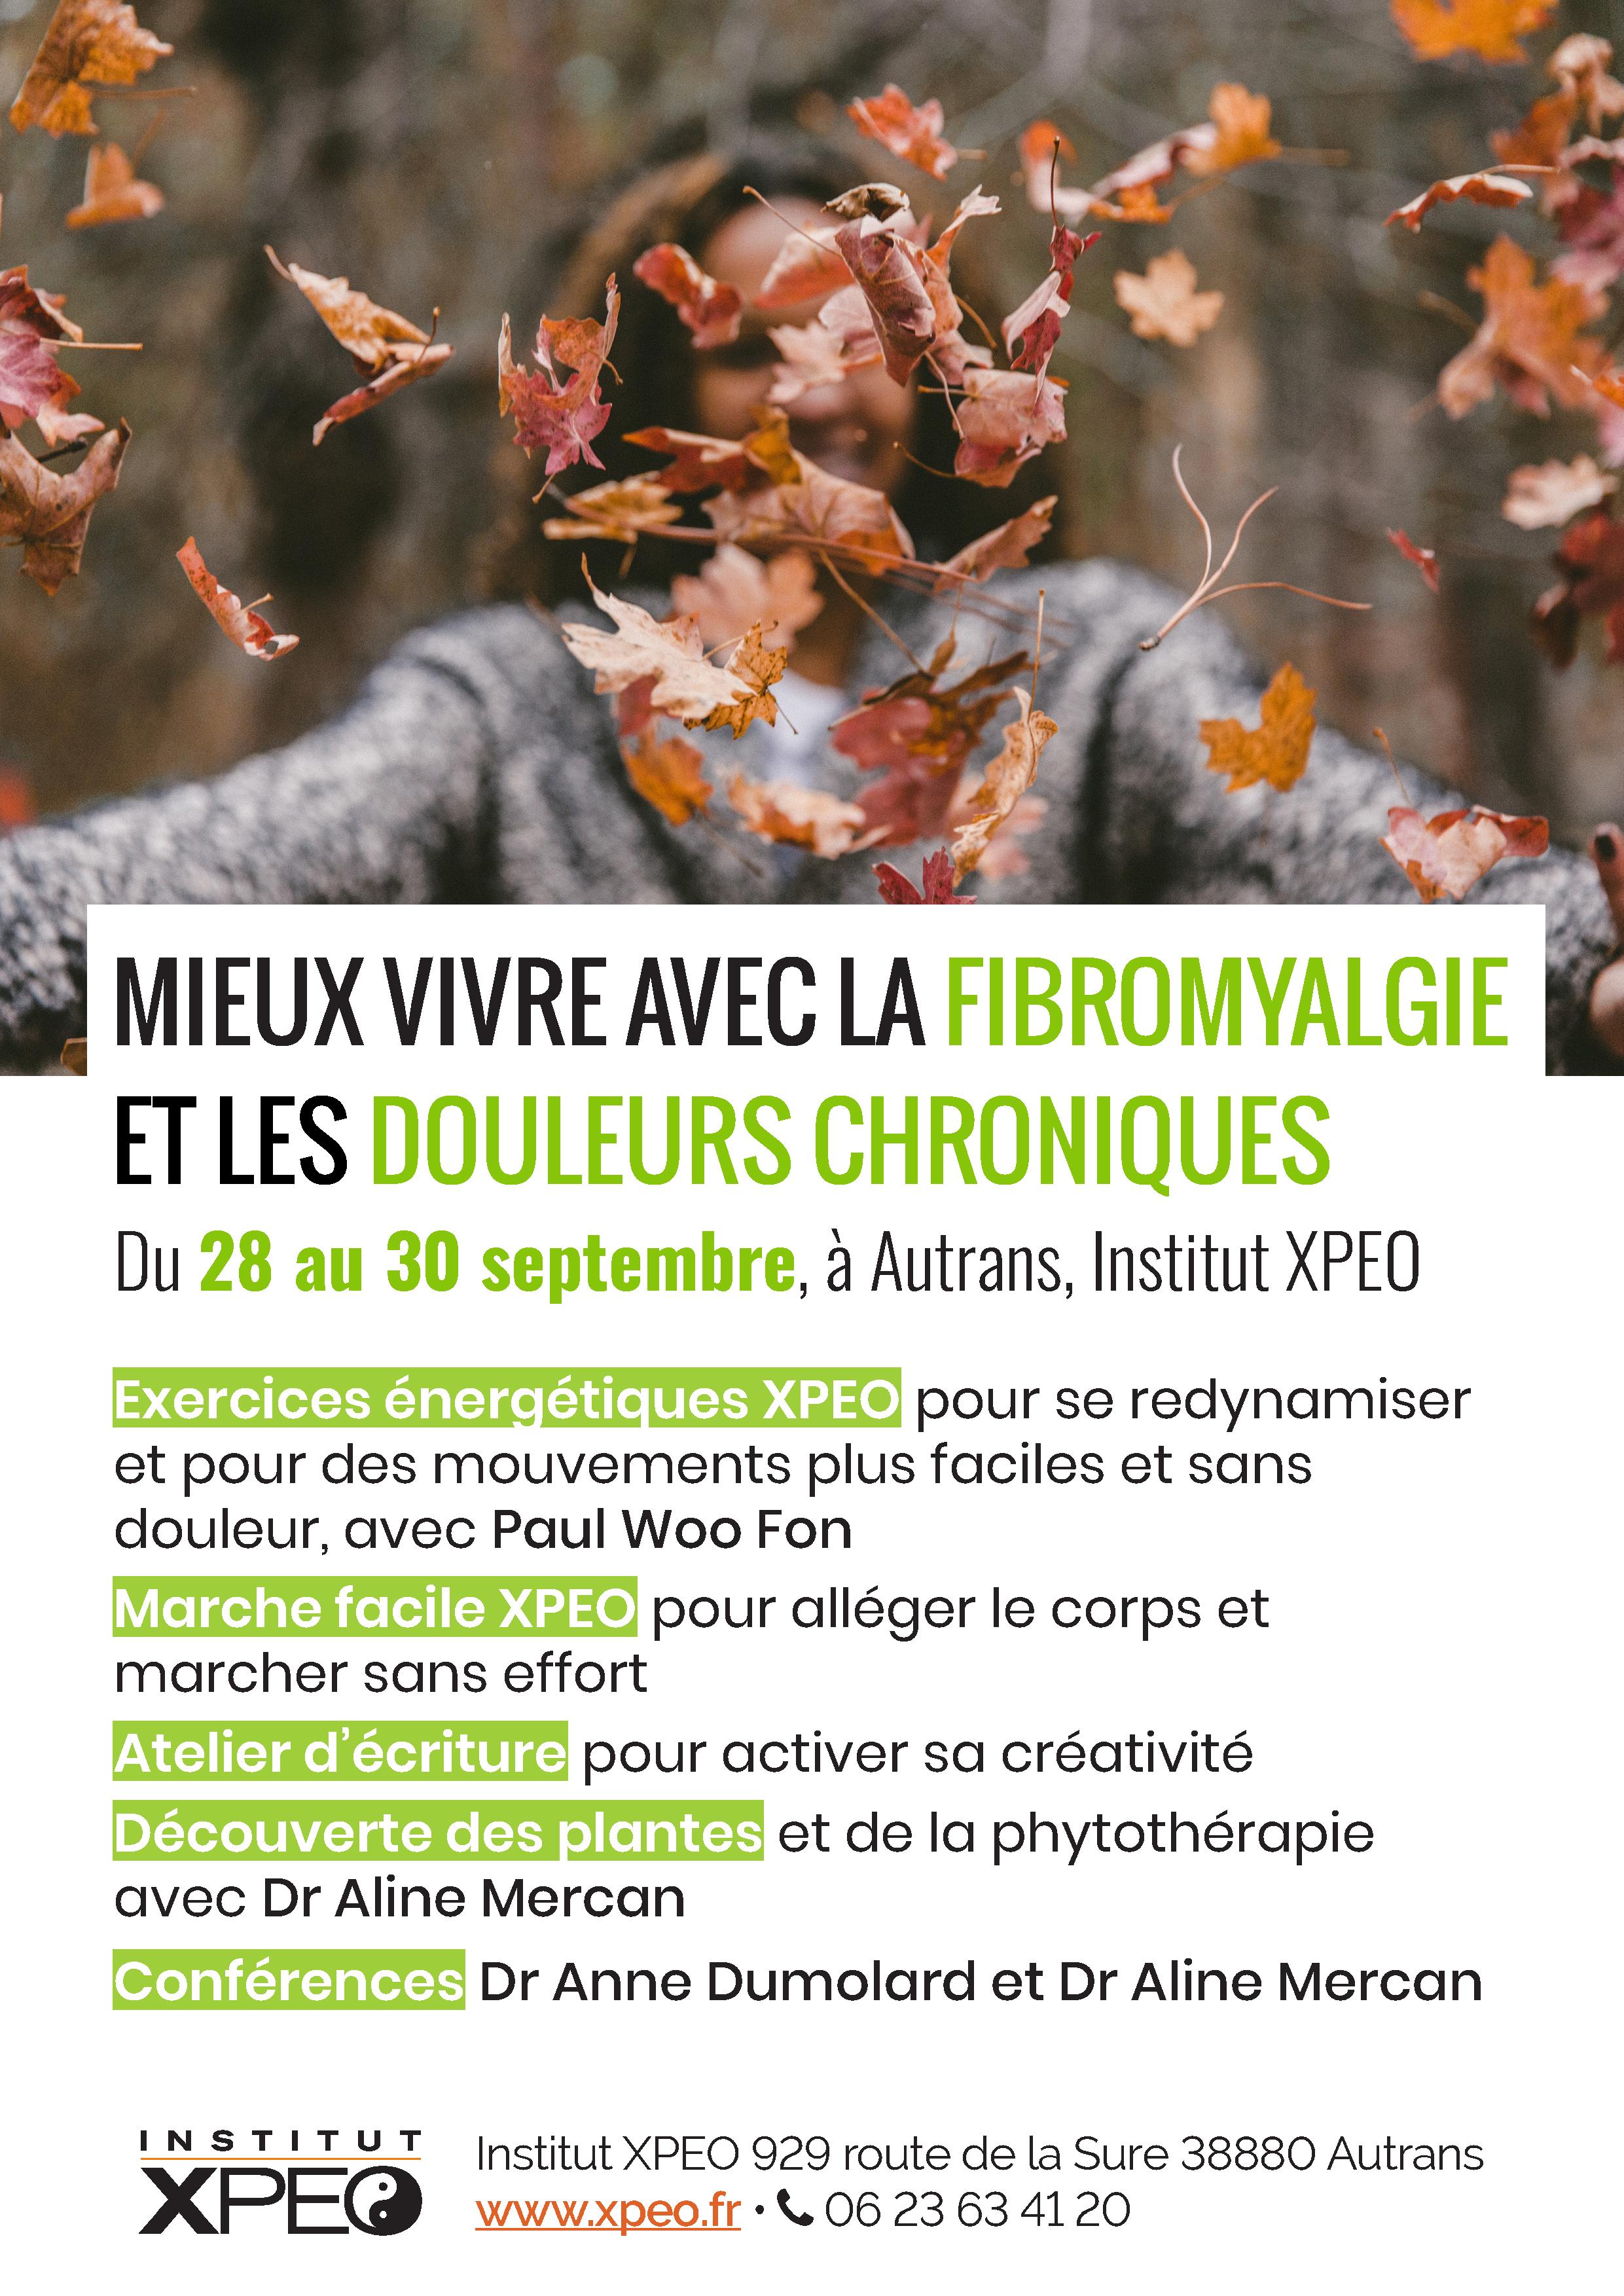 Séjour - Mieux vivre avec la fibromyalgie et les maladies chroniques >> Organisé par l'ITTCA @ Institut XPEO, Autrans